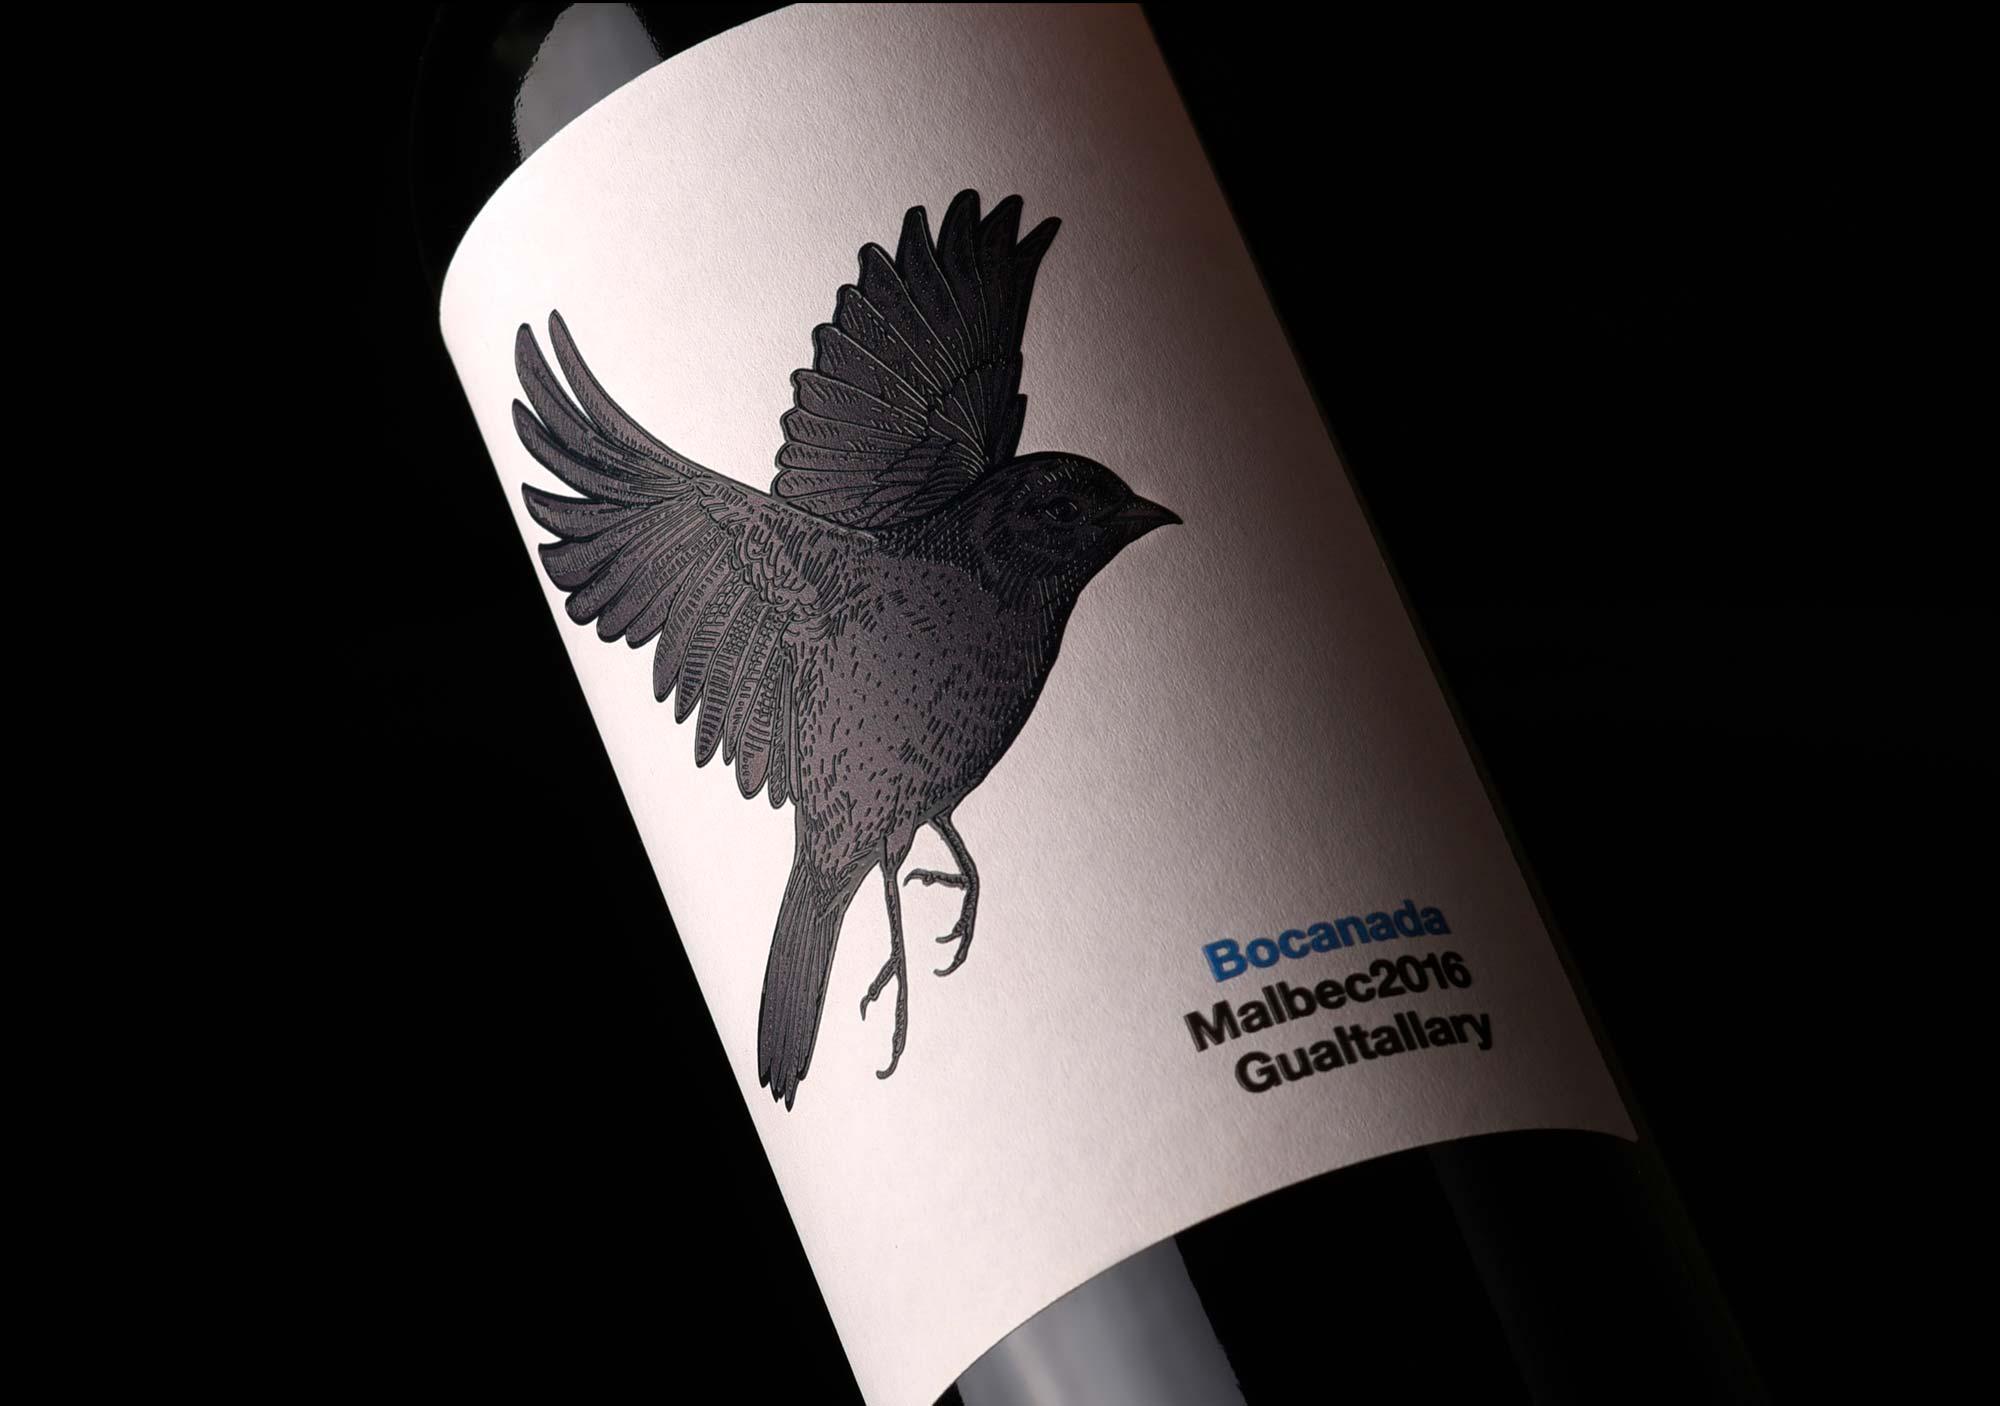 bocanada wine oveja remi vino